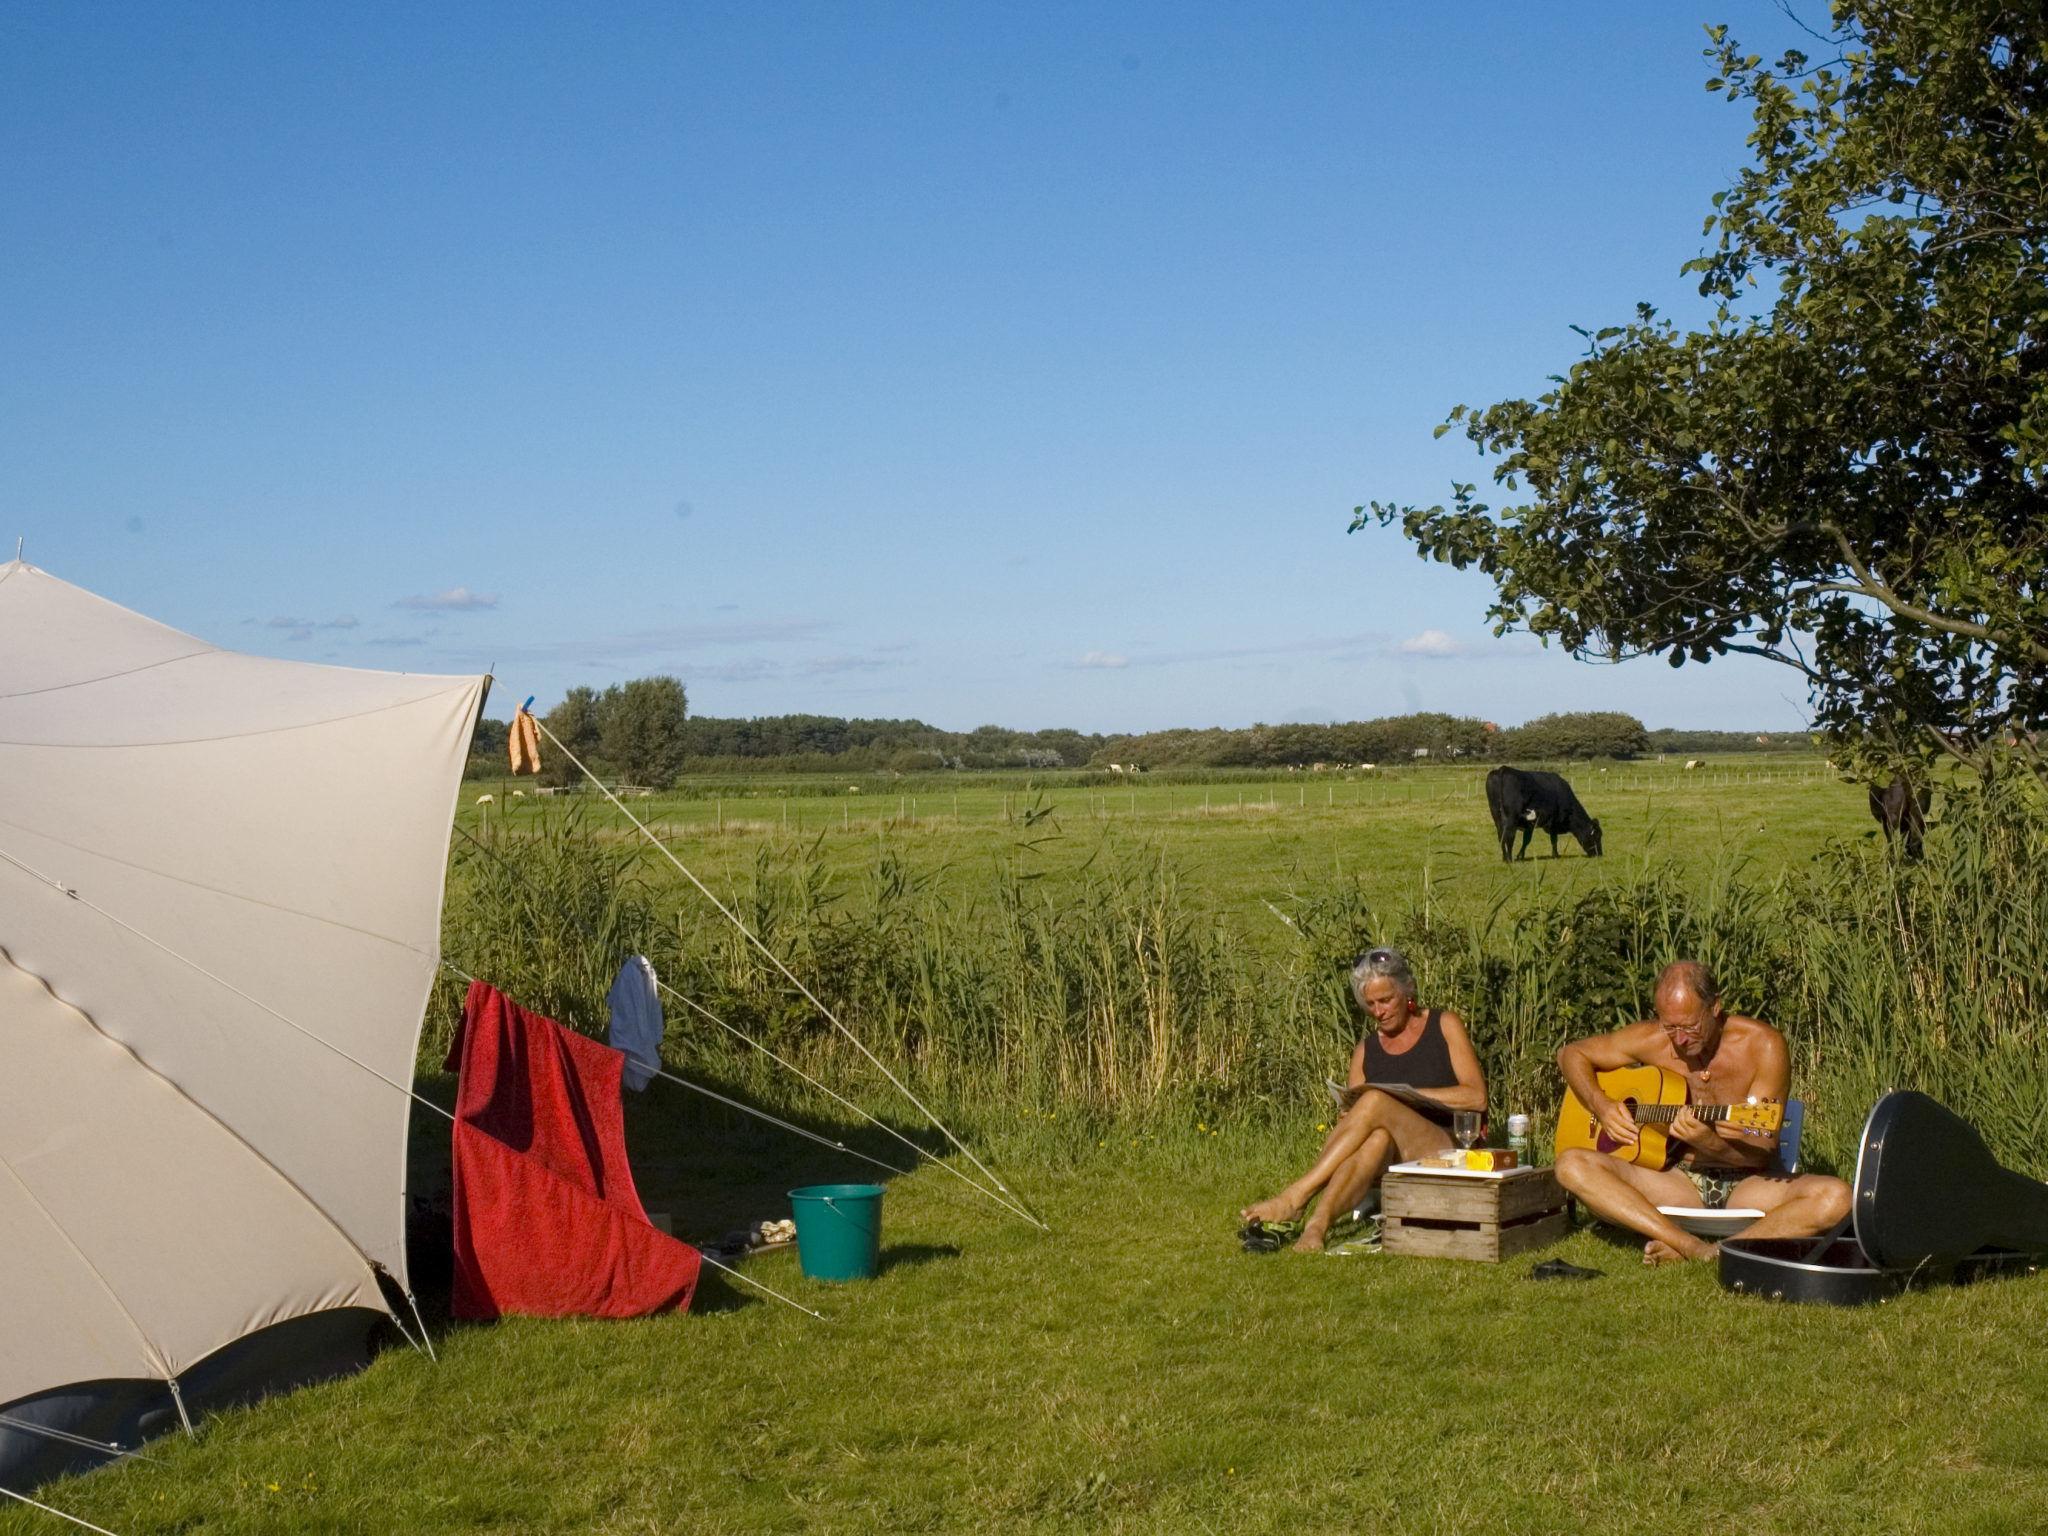 Oerol Camping Terschelling Camping De Kooi bij het